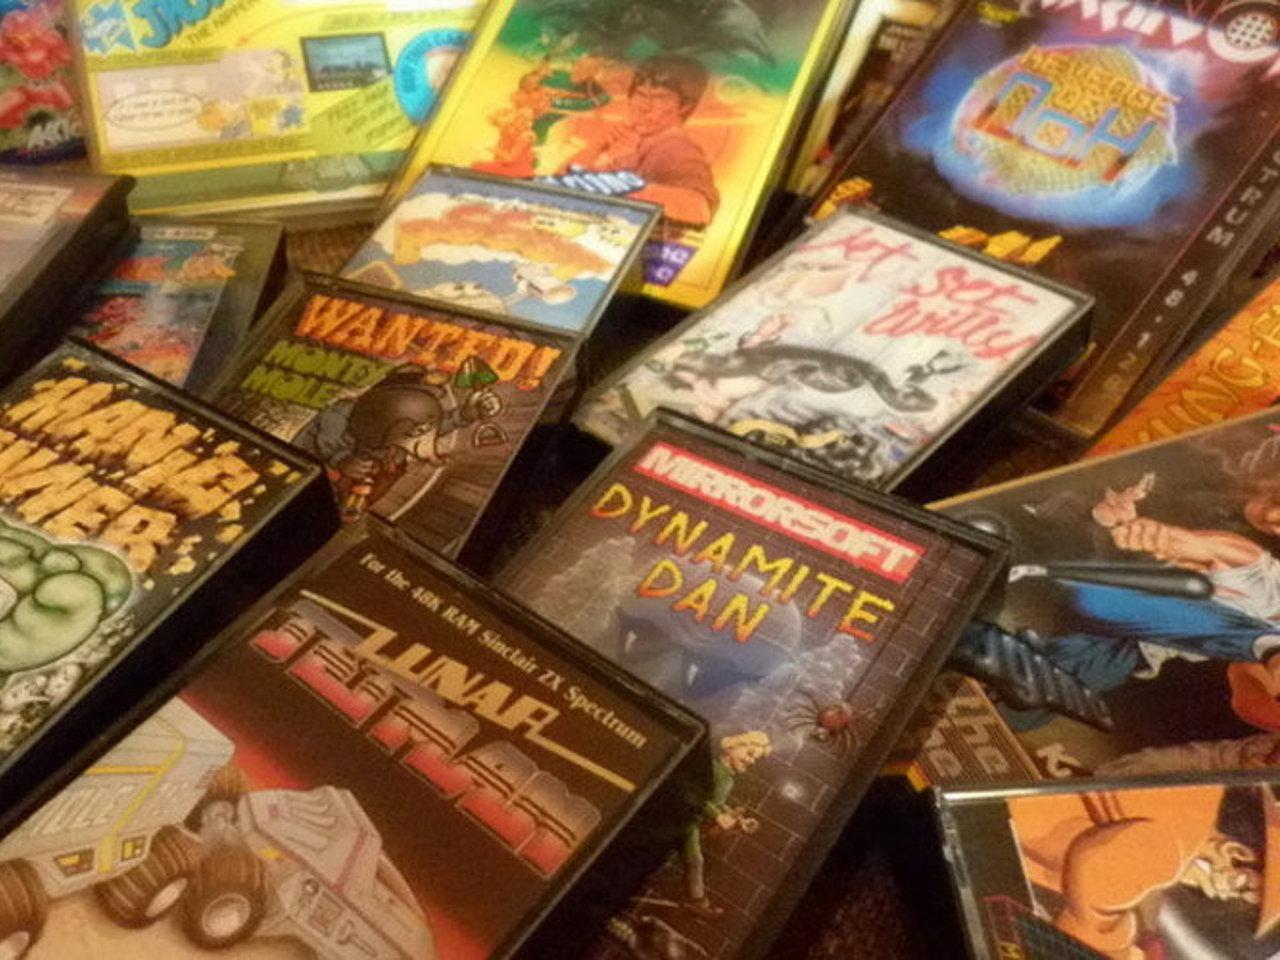 Verschiedene Kassetten mit Spielen für den Sinclair ZX Spectrum. (Bild: Dirk Mayer)